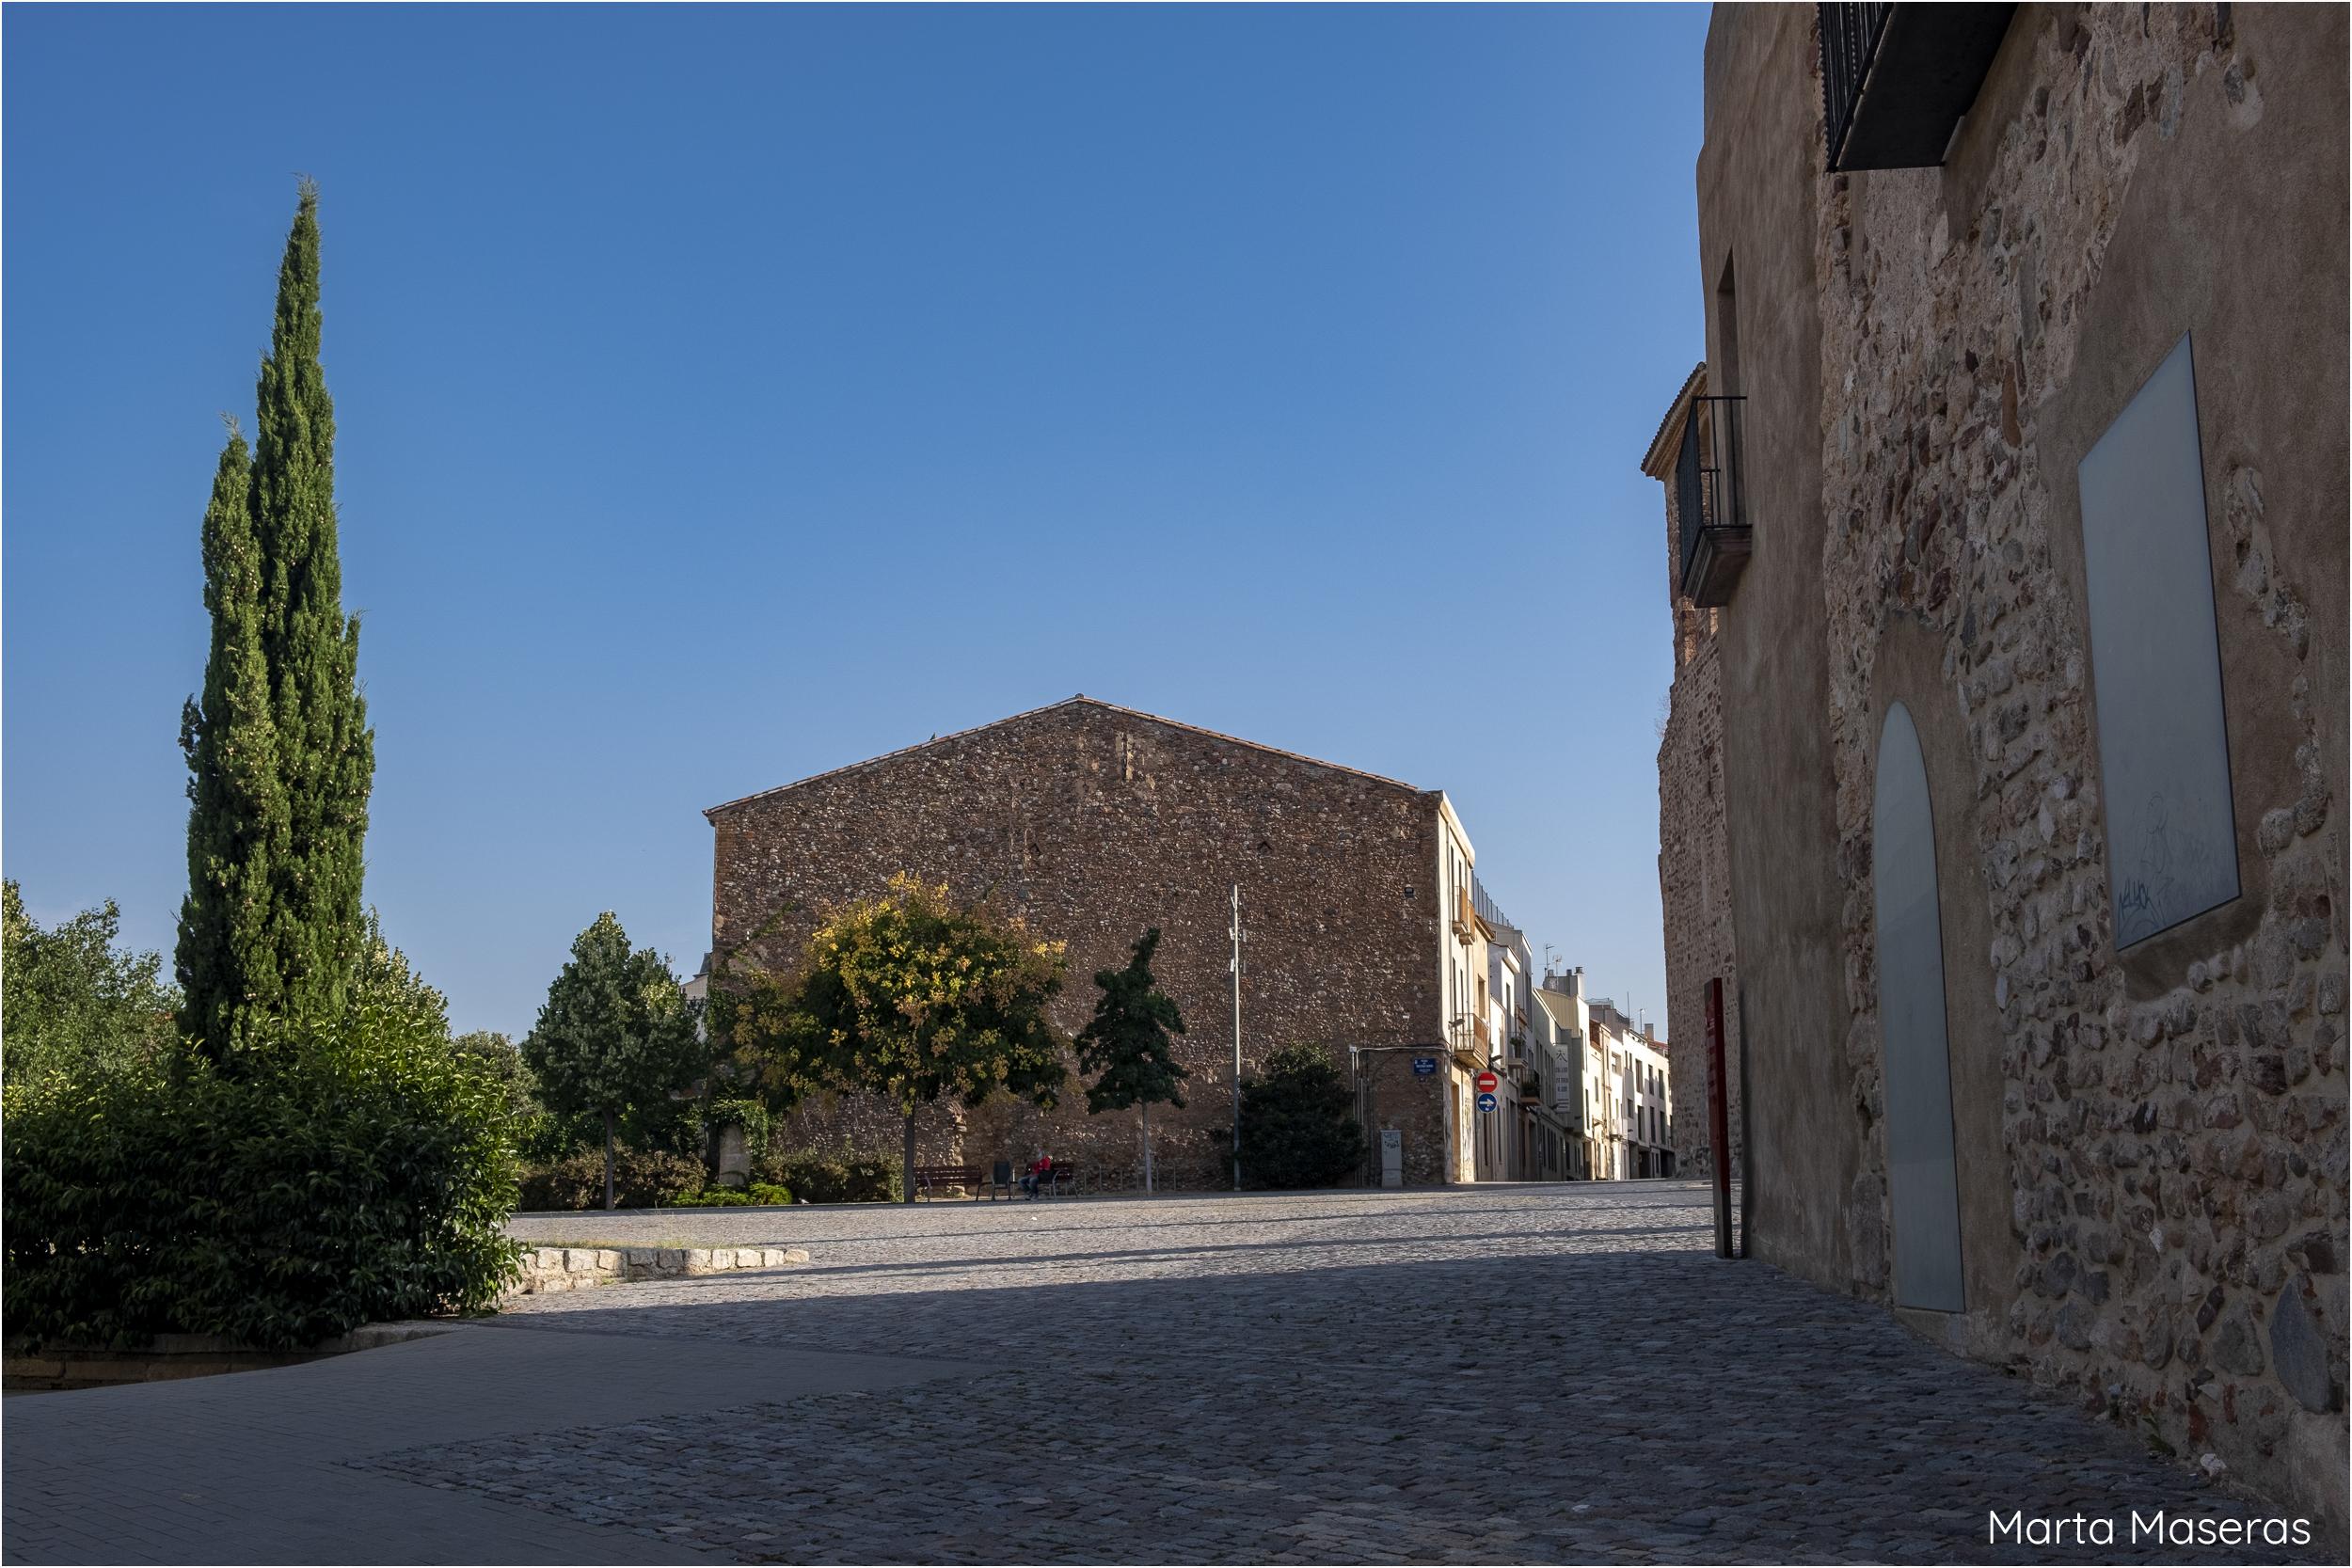 La plaça del Rector Homs serà escenari de la Festa Major de Terrassa   Marta Maseras